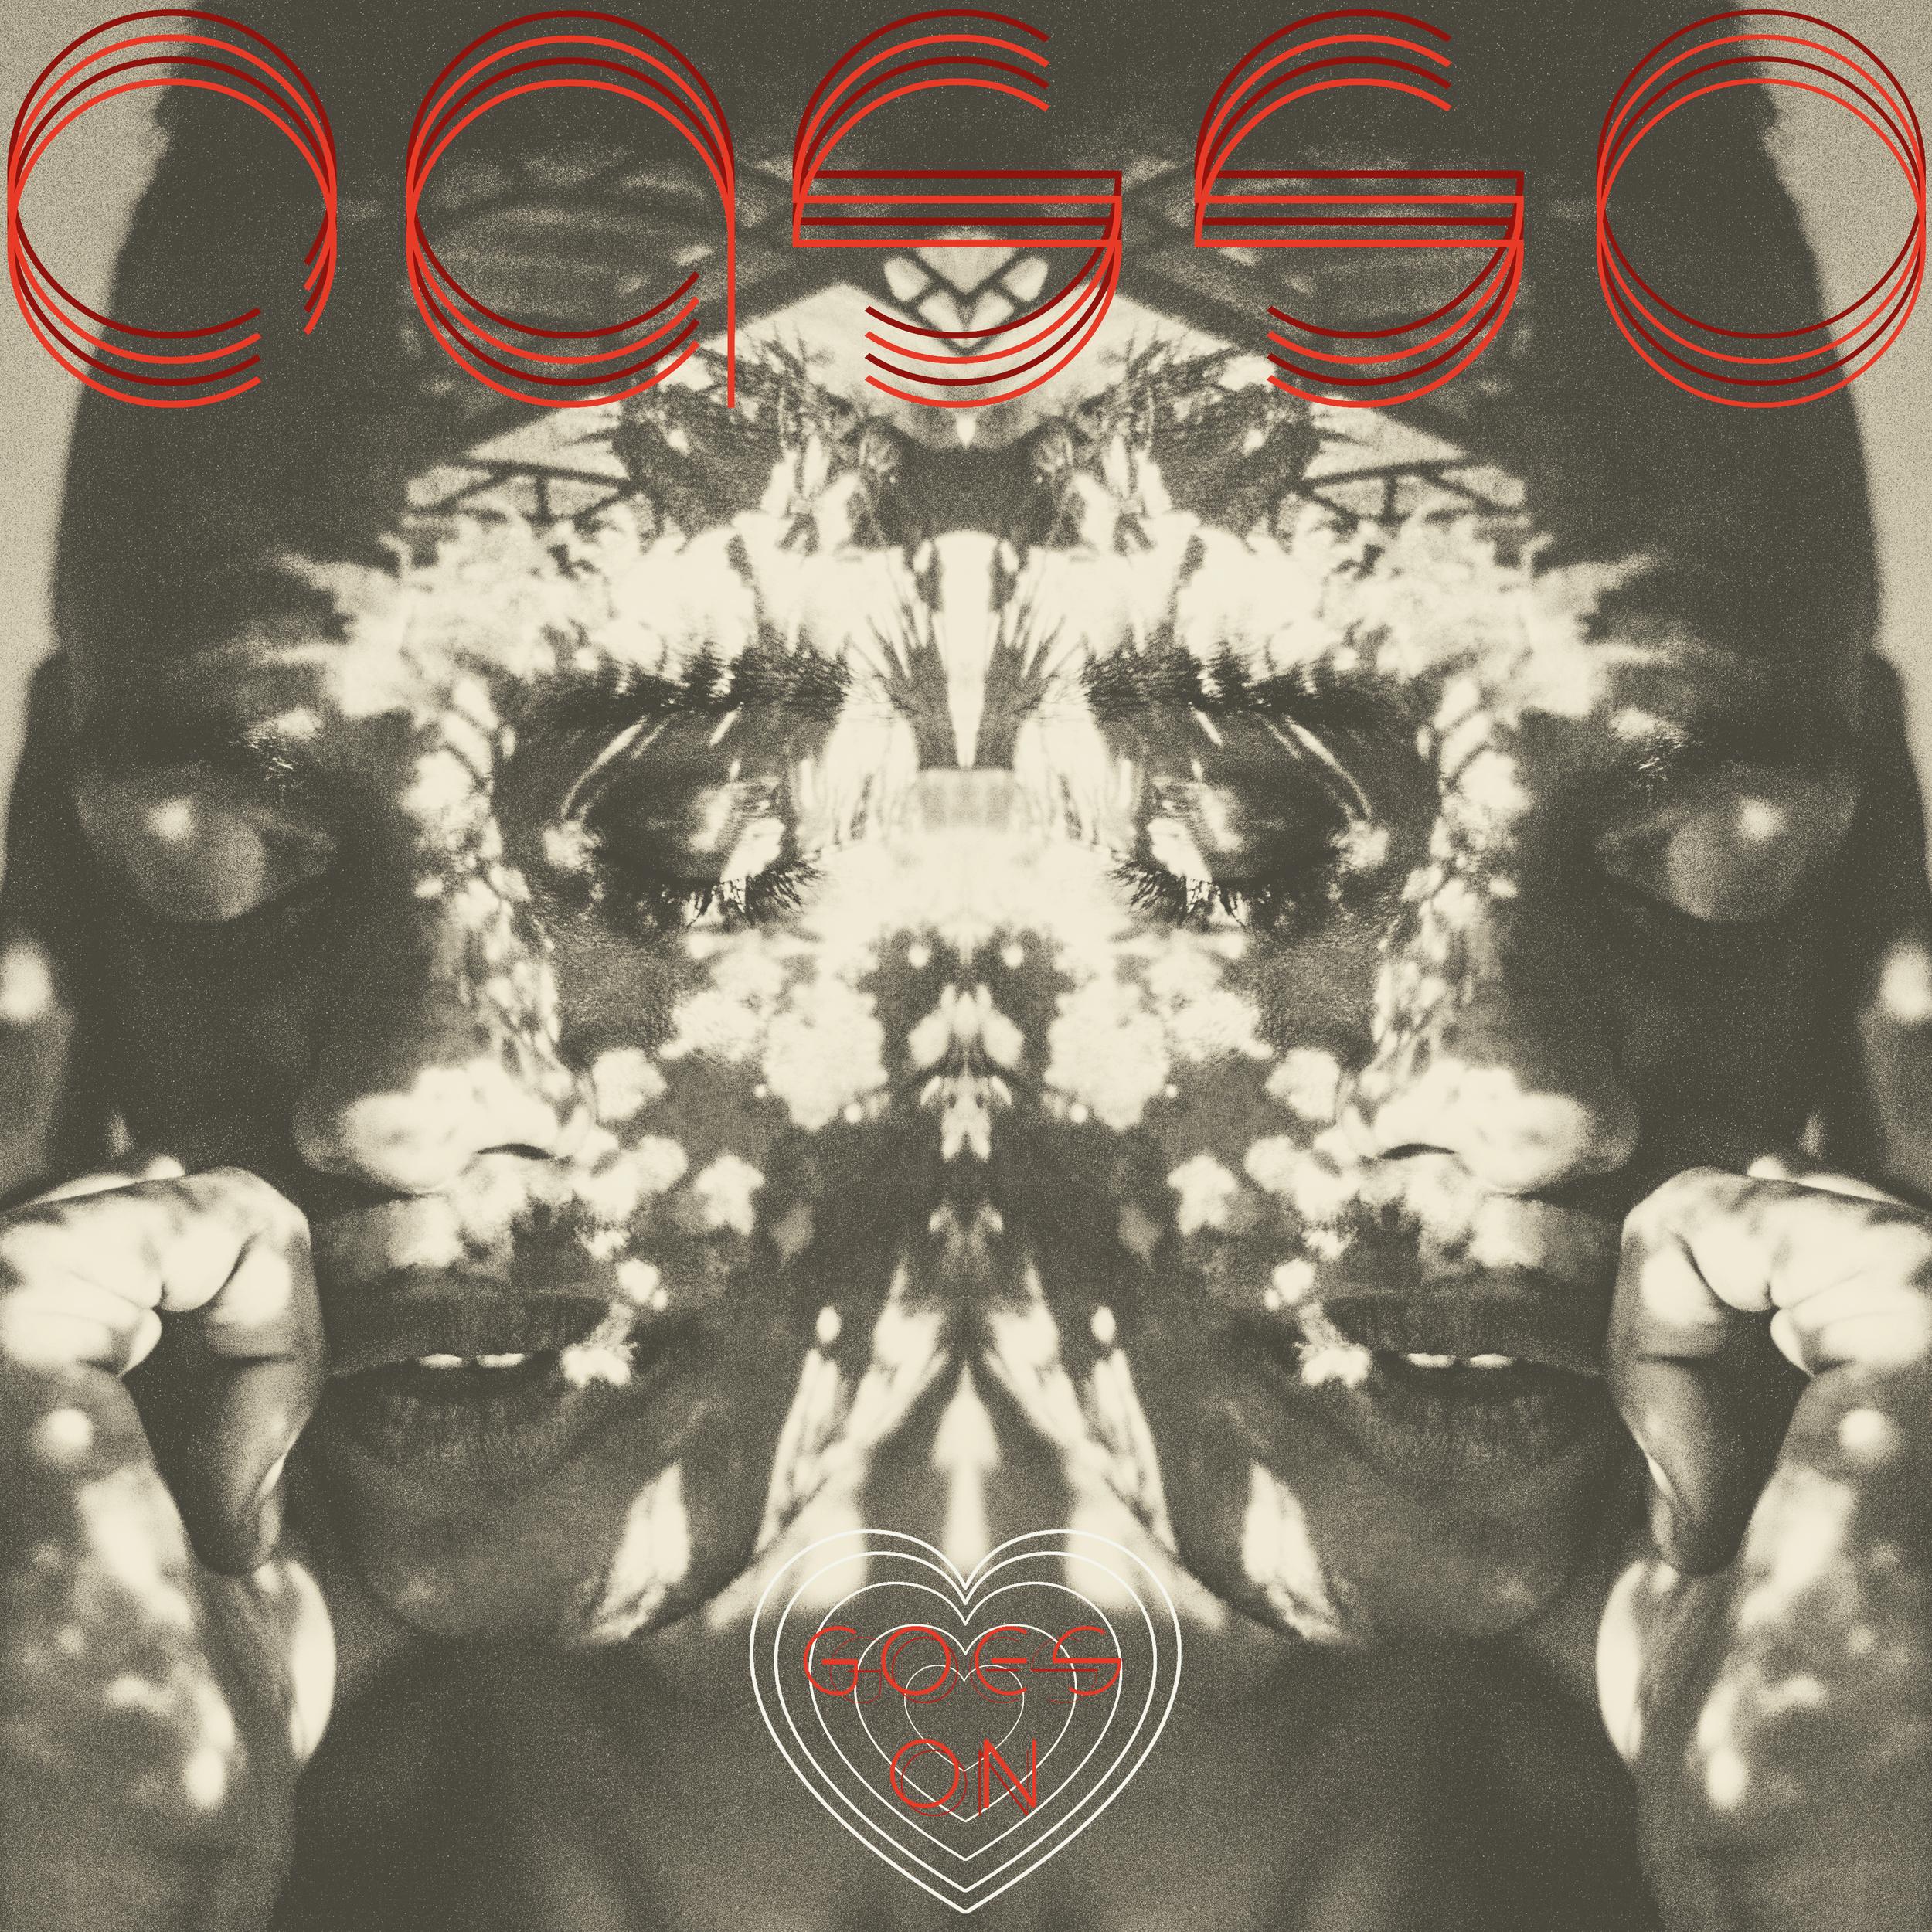 casso_love goes on_cover_edwardscottfoto.jpg